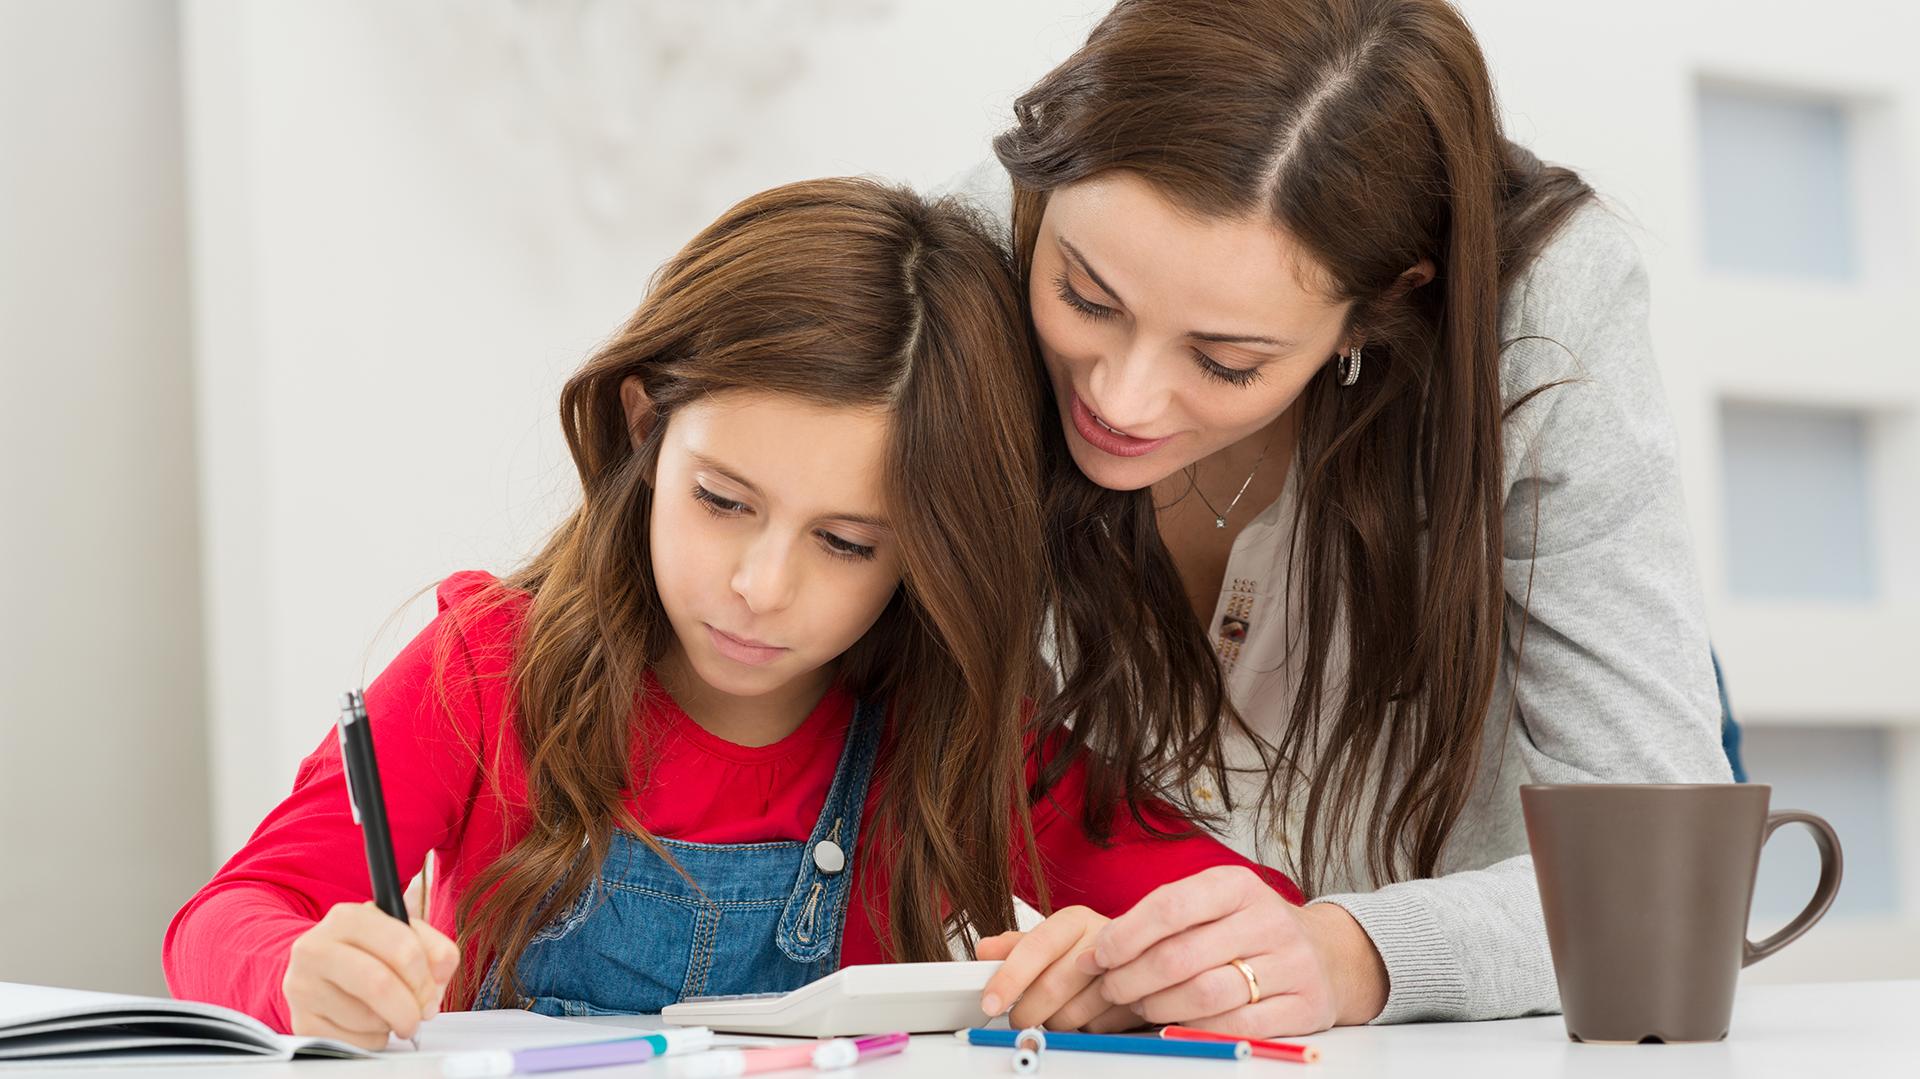 La experta advirtió que hay que enseñar a la población, desde la infancia, a desarrollar el pensamiento crítico y no sólo focalizar el esfuerzo educativoenenseñar a programar o codificar (Getty)